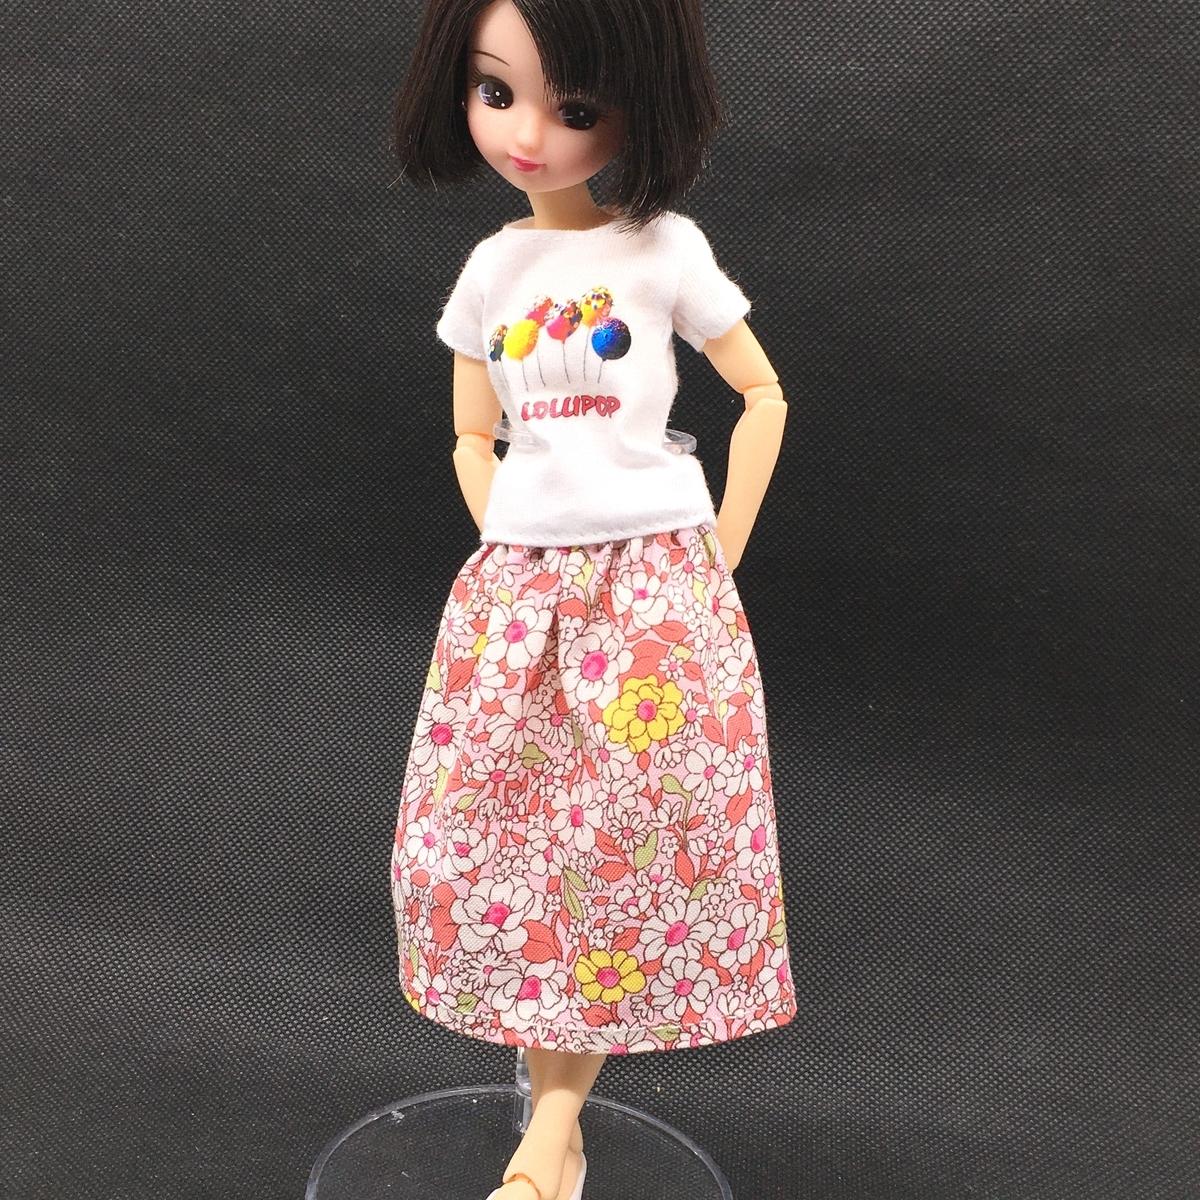 赤い花柄の手縫いのミモレ丈スカートを着たリカちゃん